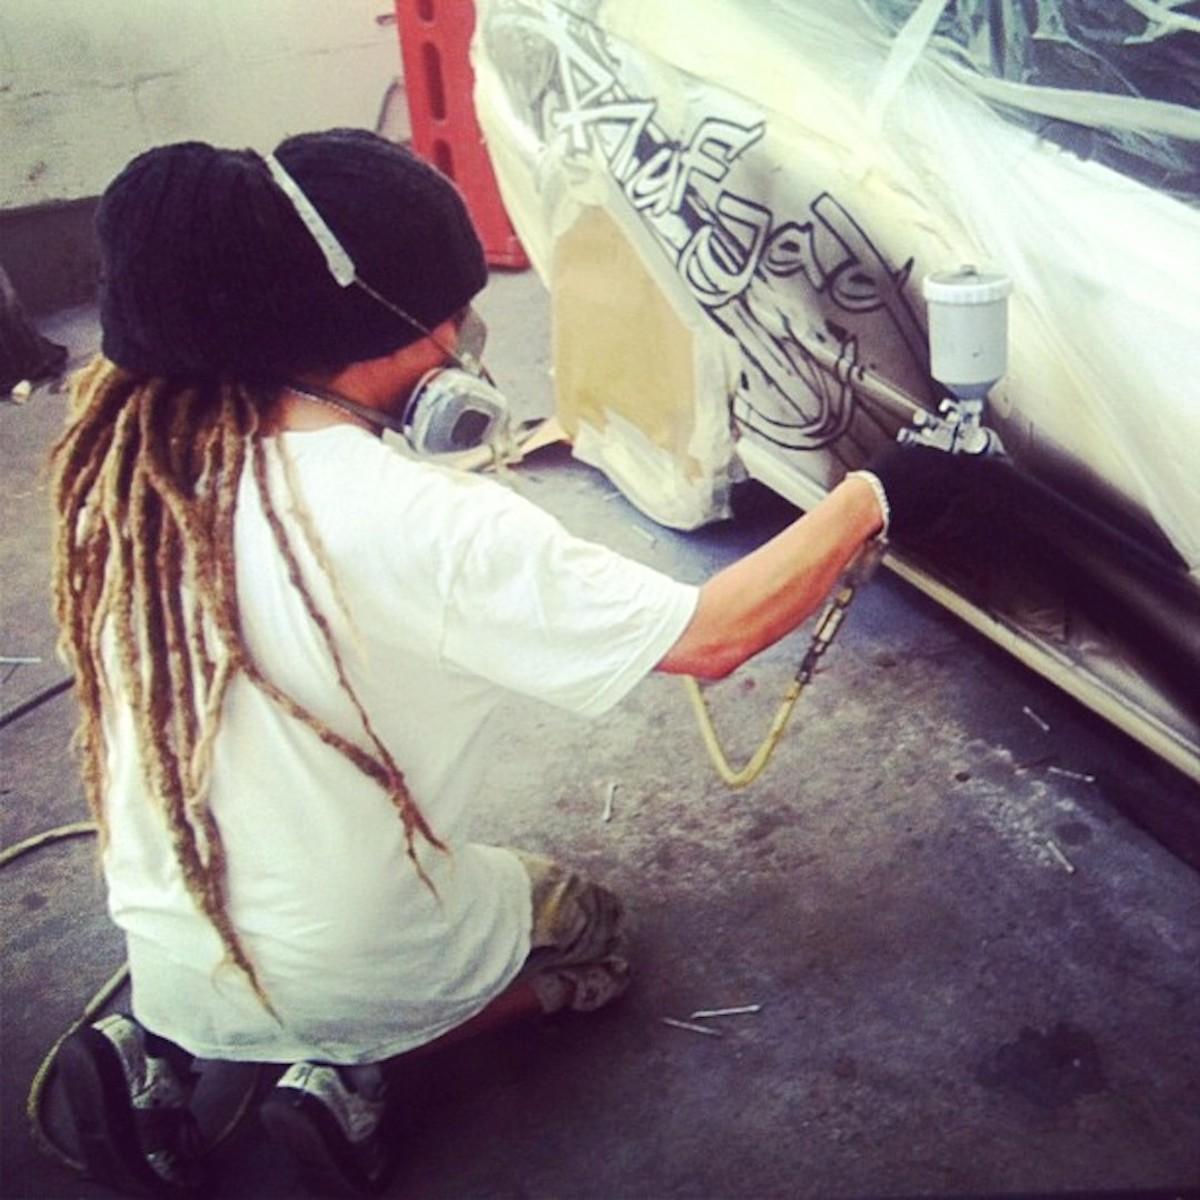 cars-graffiti-bristol-zase-zasedesign-10